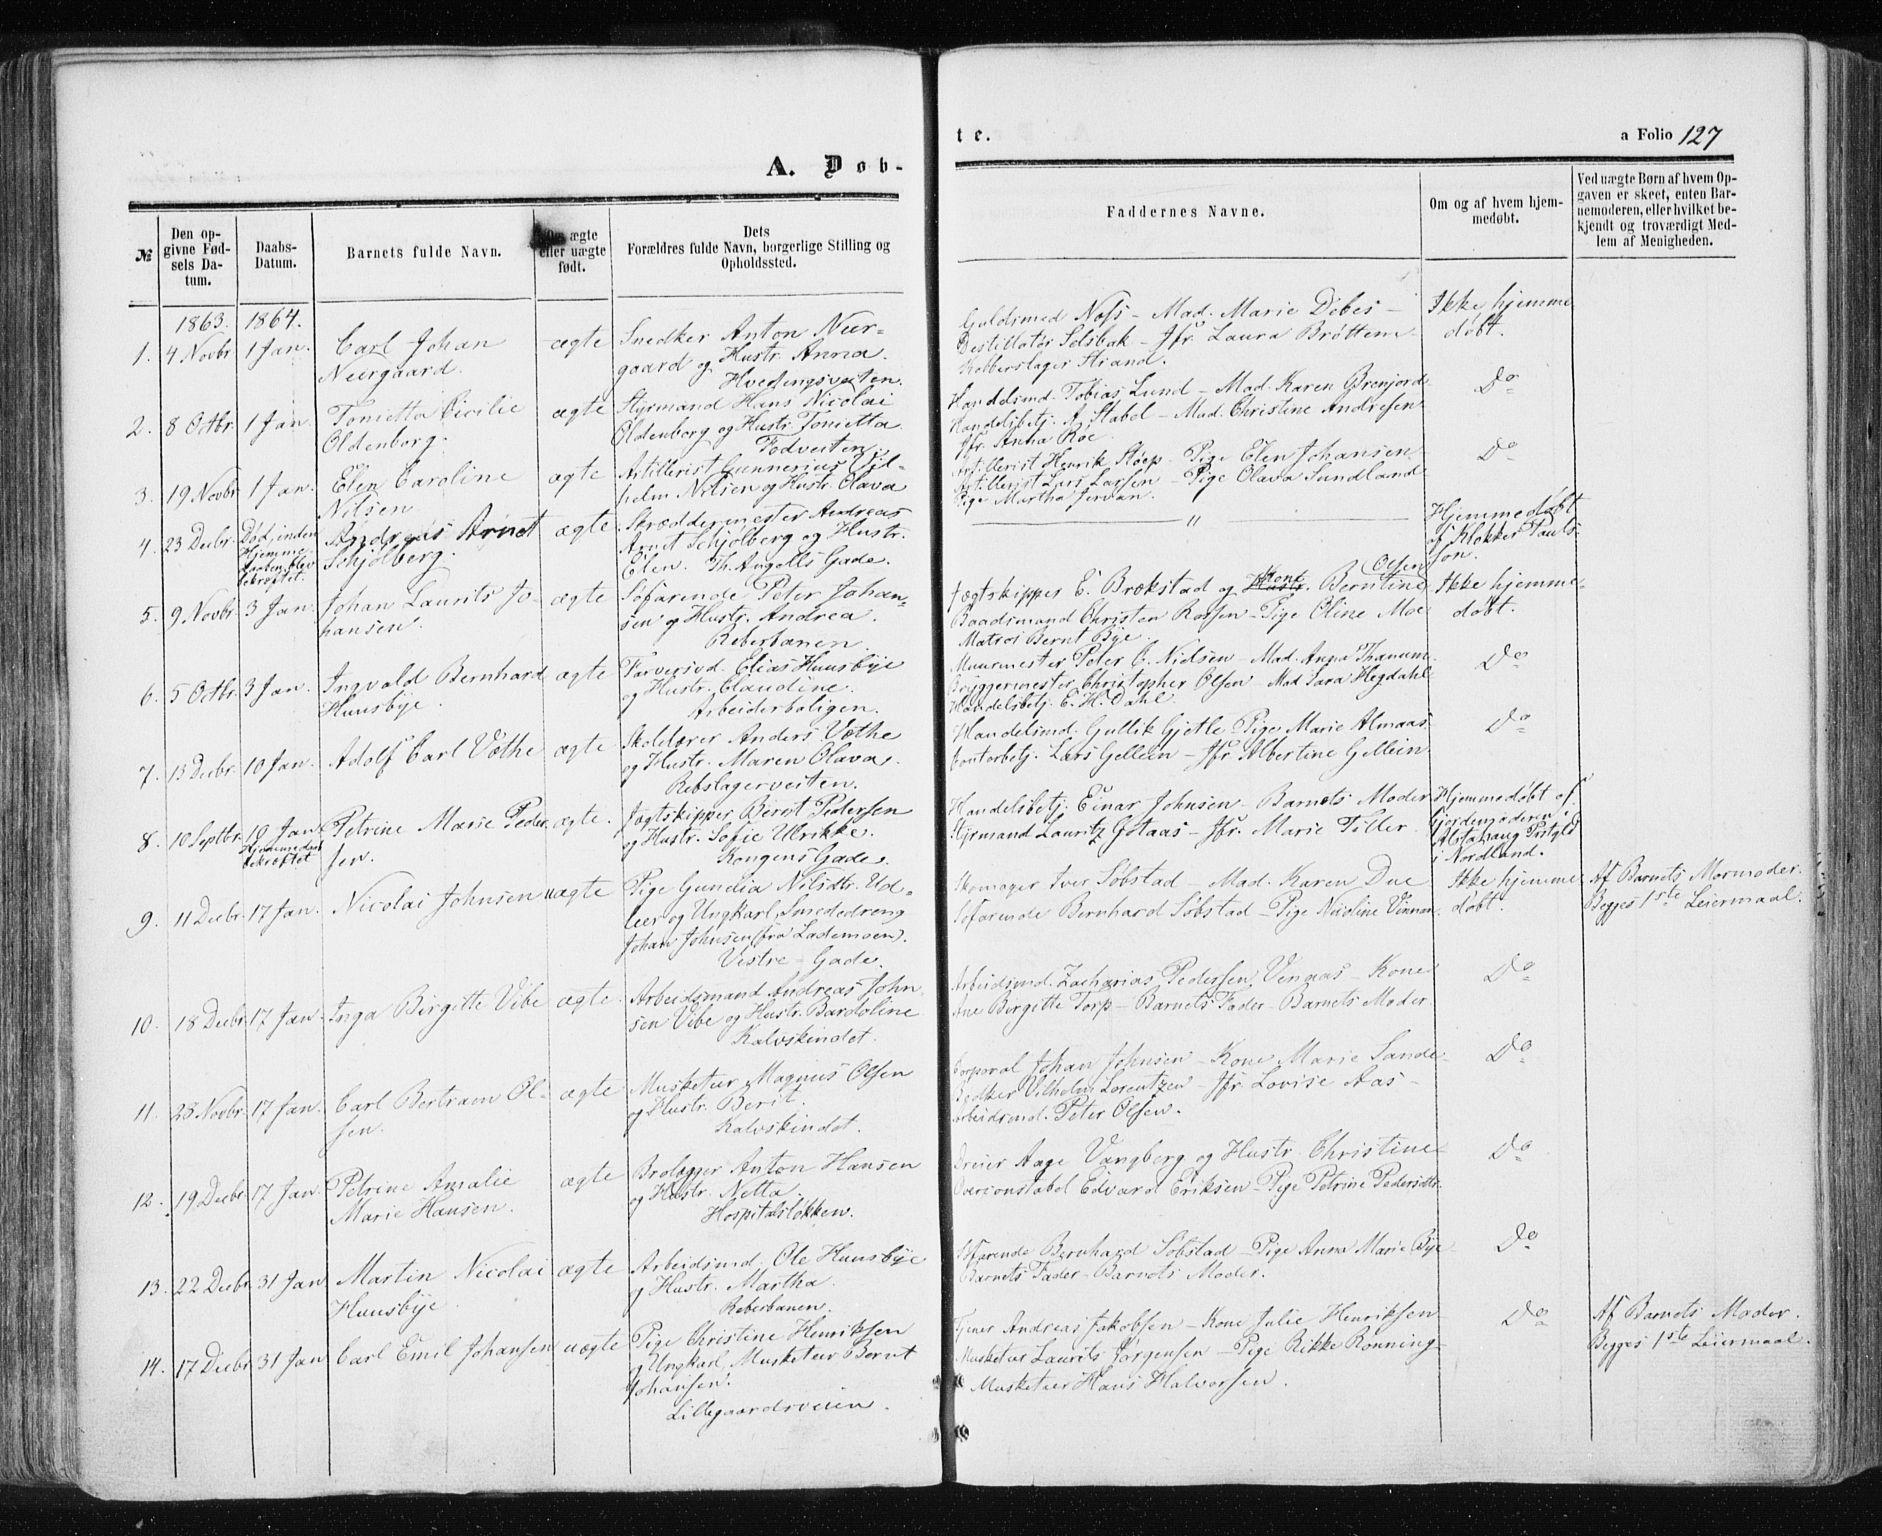 SAT, Ministerialprotokoller, klokkerbøker og fødselsregistre - Sør-Trøndelag, 601/L0053: Ministerialbok nr. 601A21, 1857-1865, s. 127